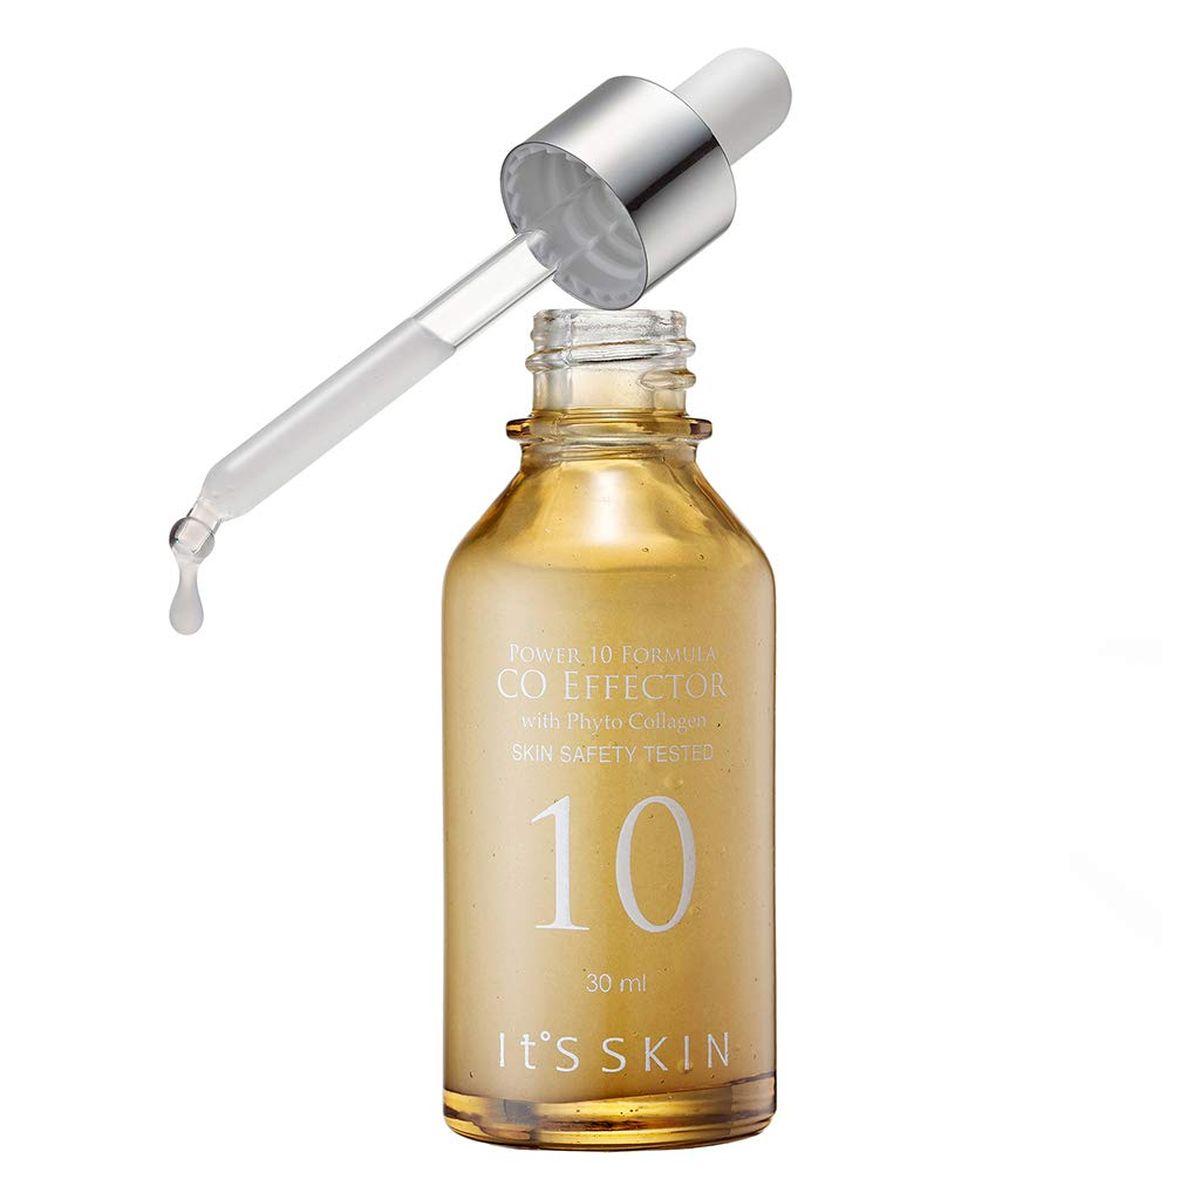 Сыворотка для повышения упругости кожи It's Skin Power 10 Formula CO Effector - 30 мл